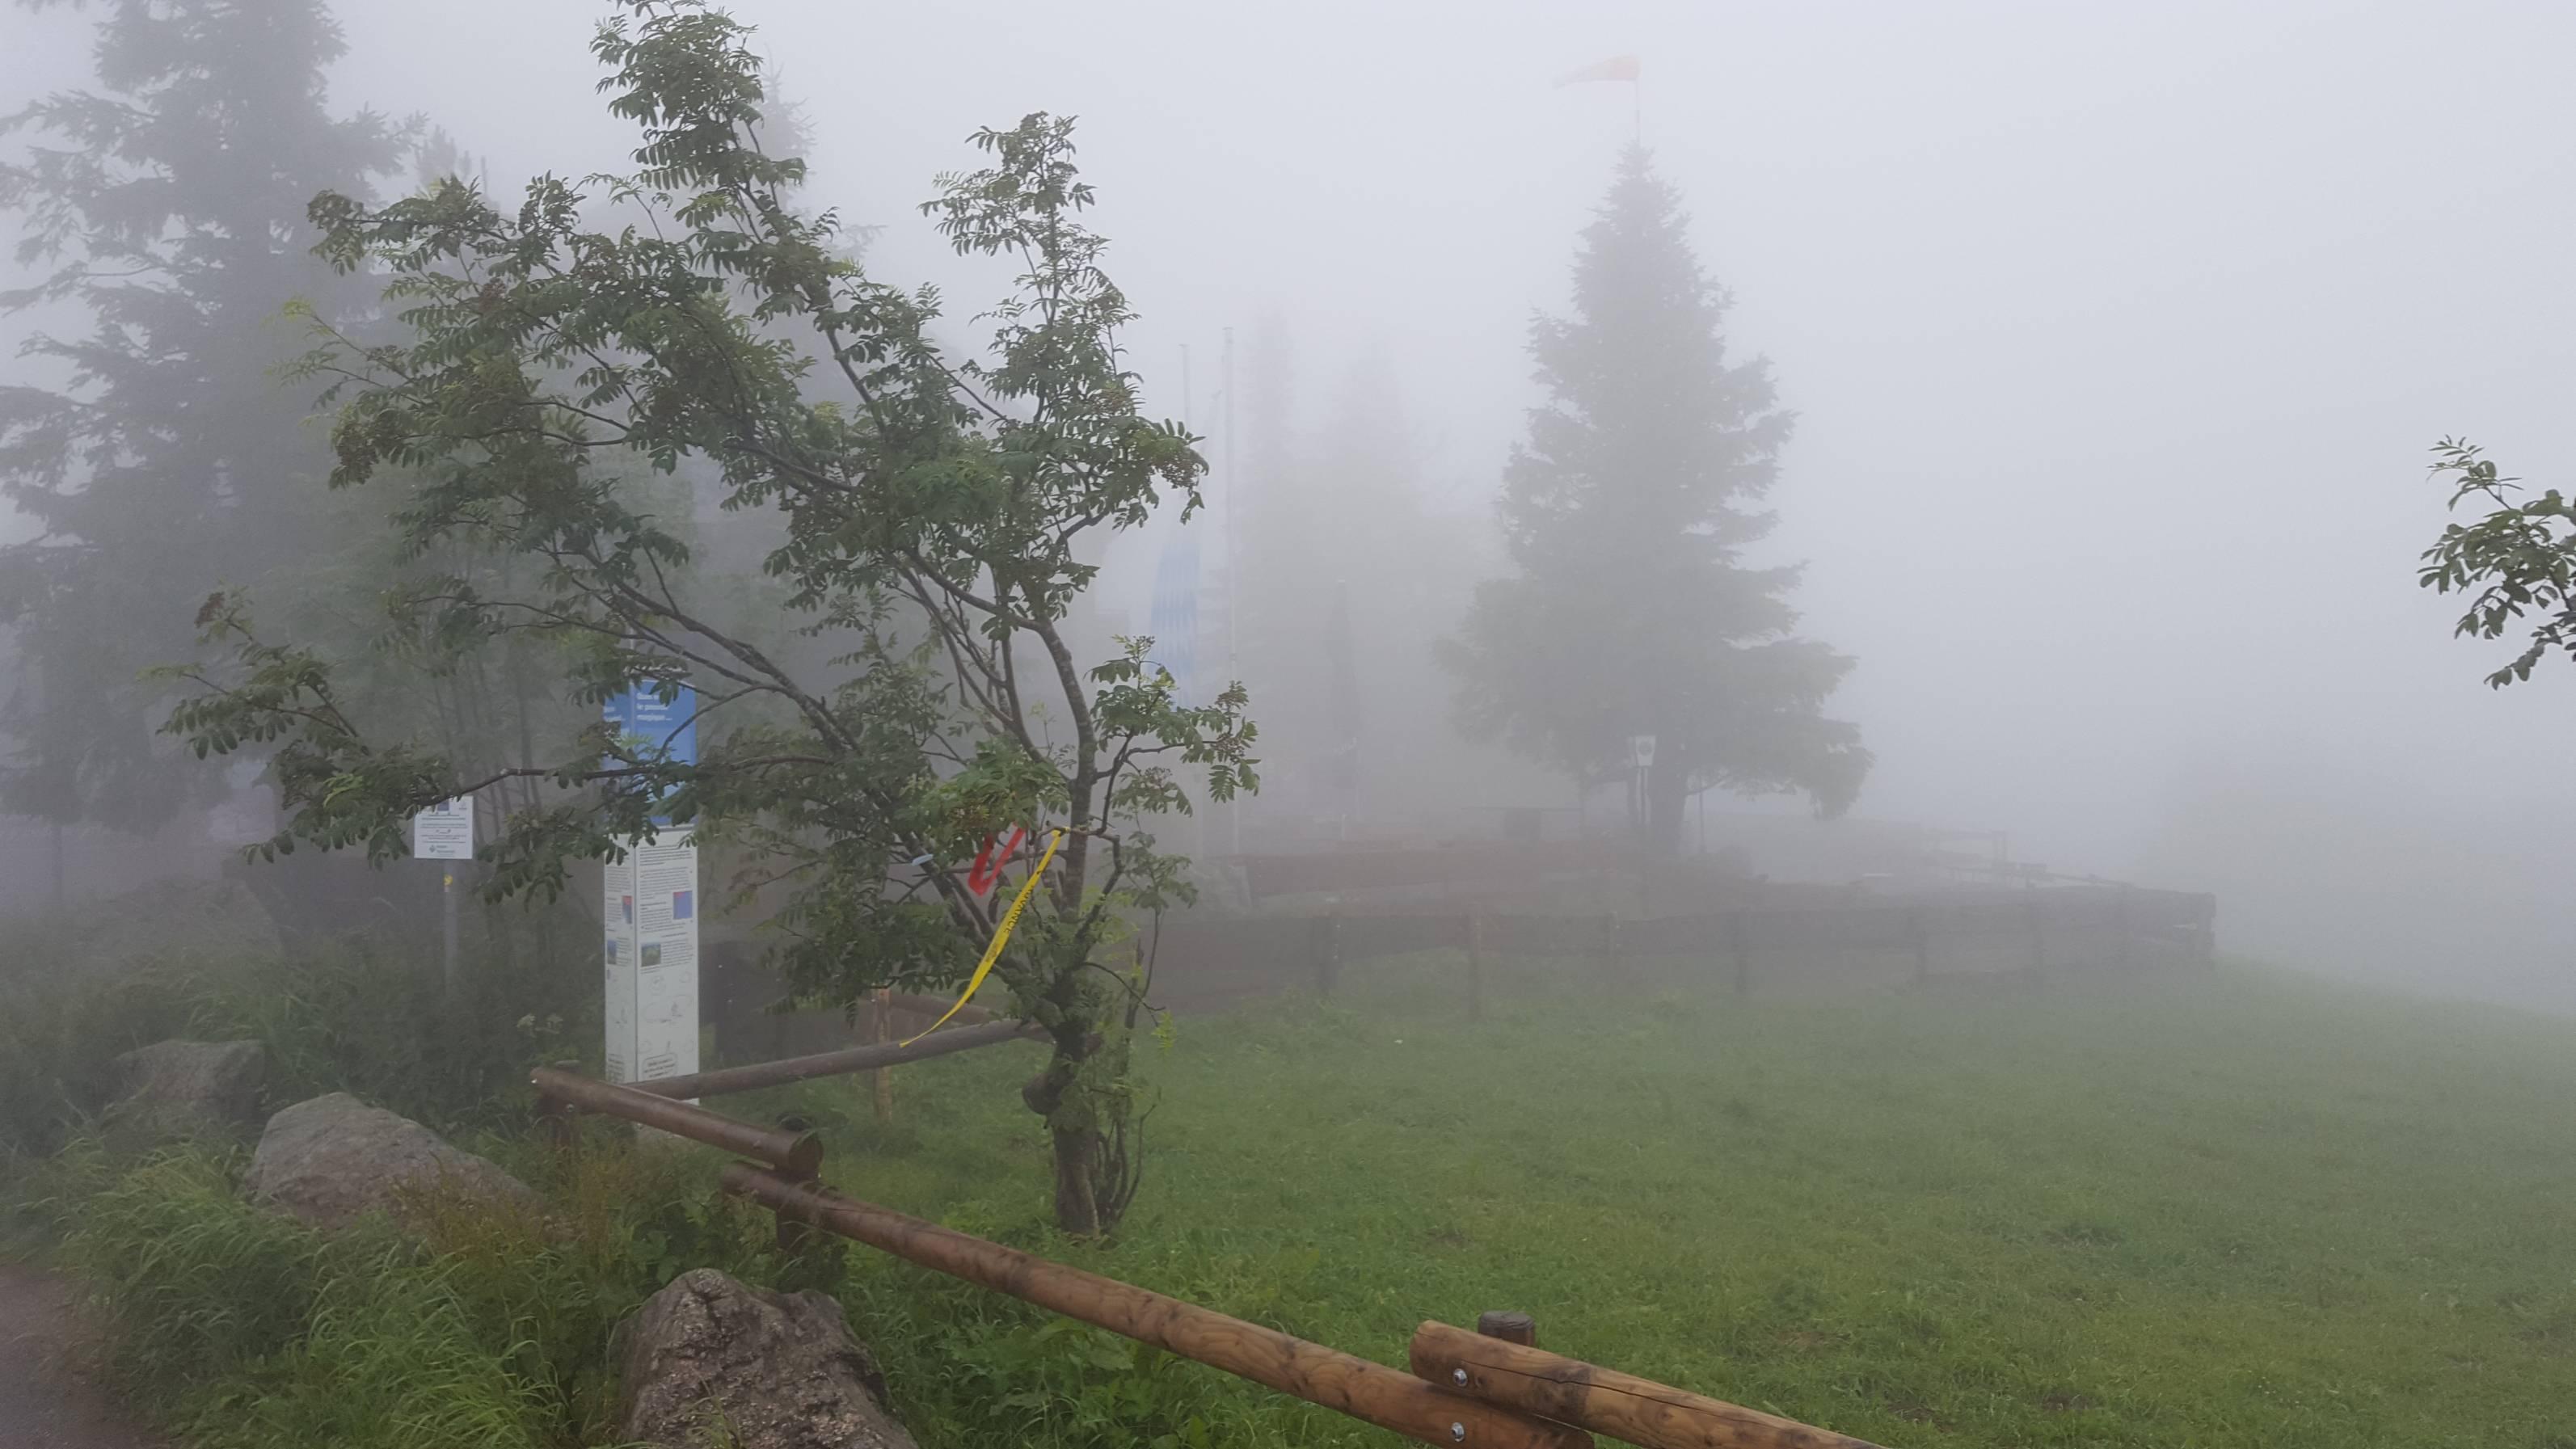 Kandelgasthof im Nebel